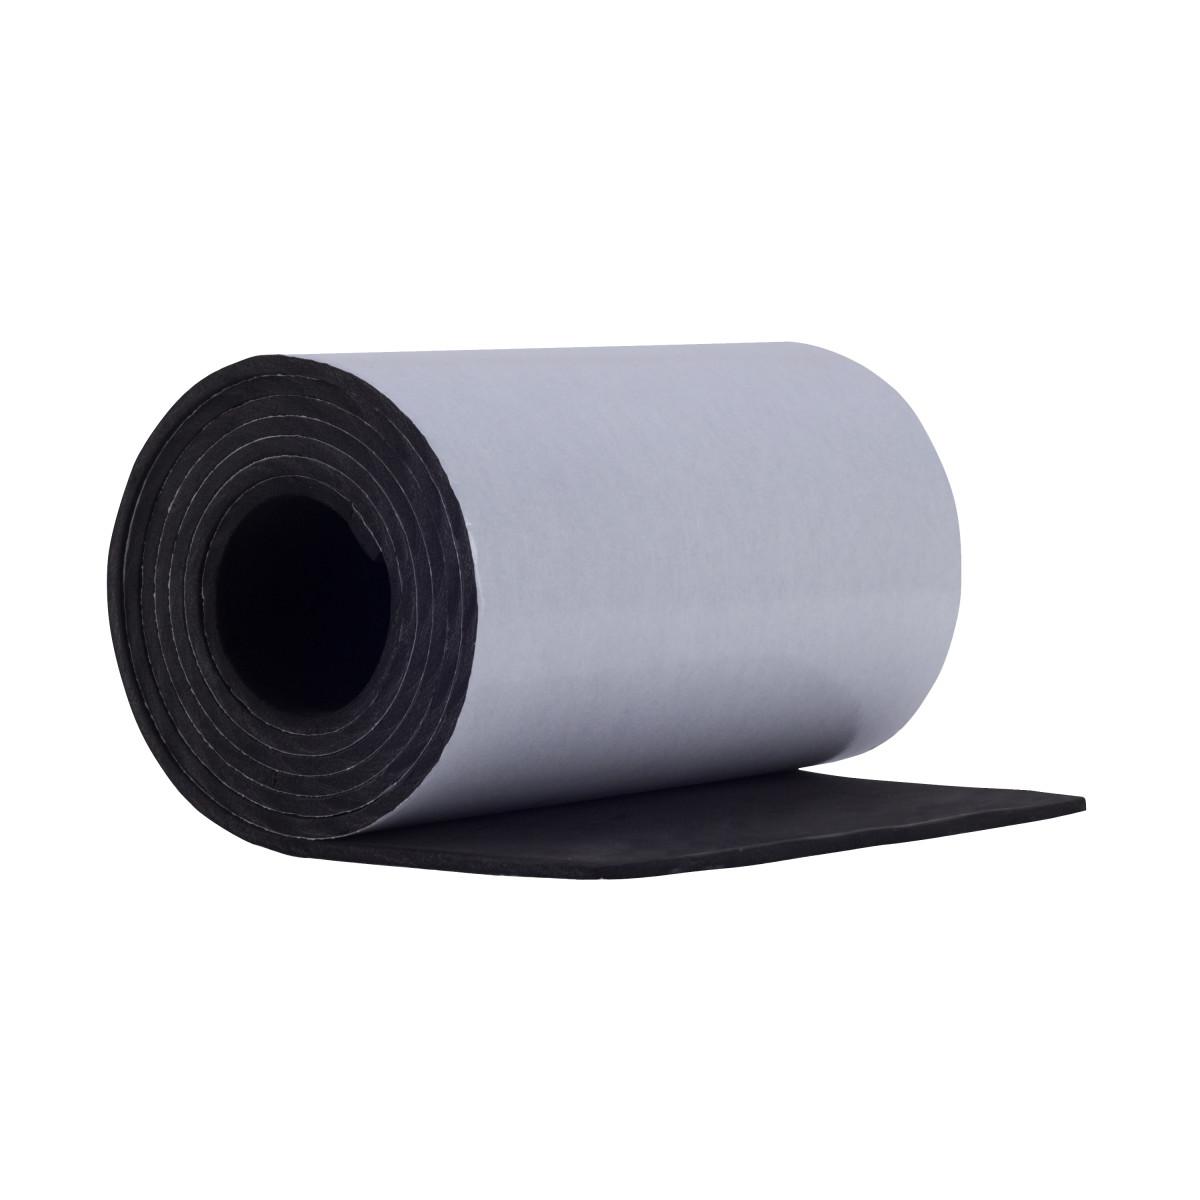 Лента противоударная Standers самоклеящаяся 200x20 см цвет черный